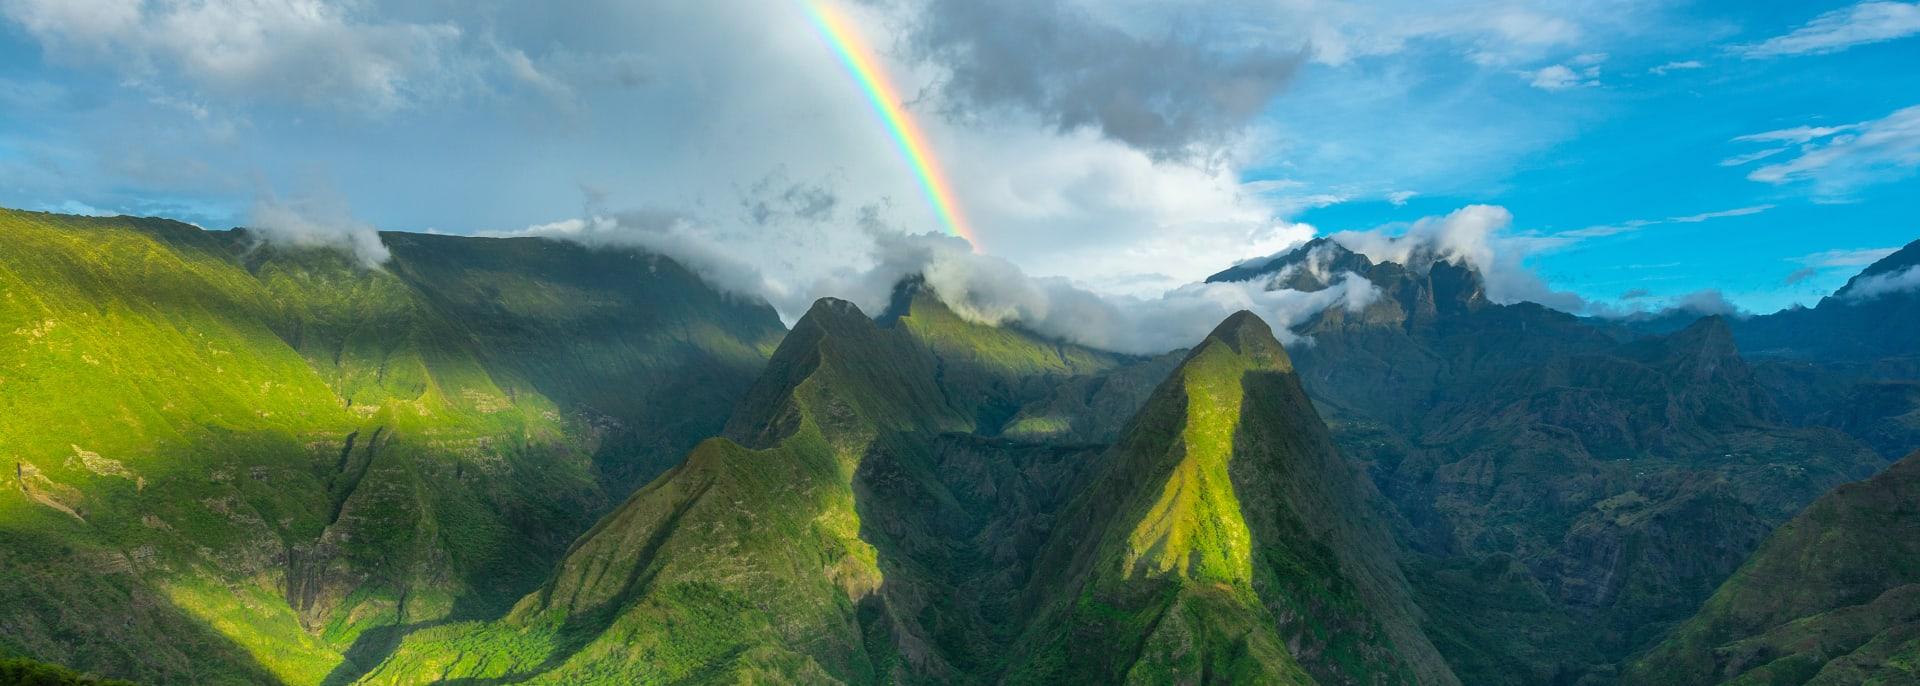 La Possession, La Réunion